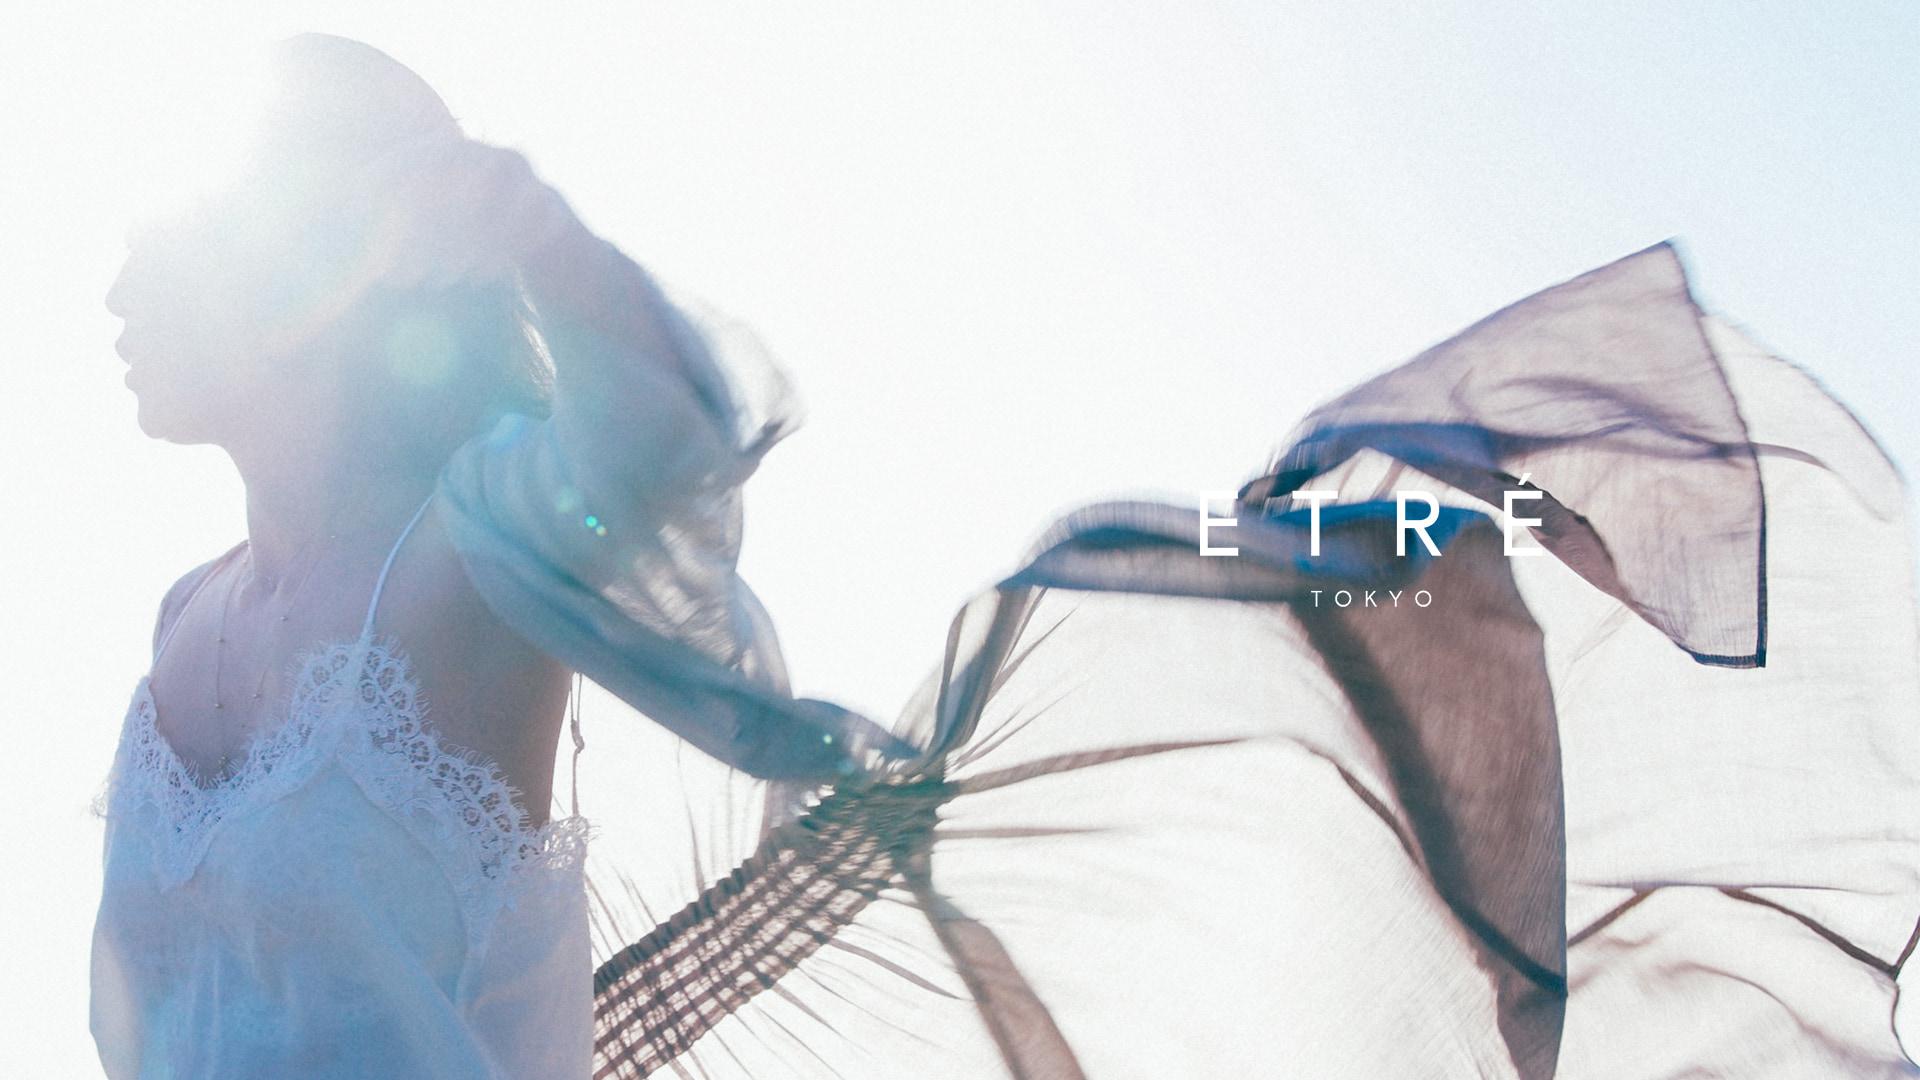 長く愛せる夏のワードローブに加えたい、ETRÉ TOKYOの新作が6/15に販売開始